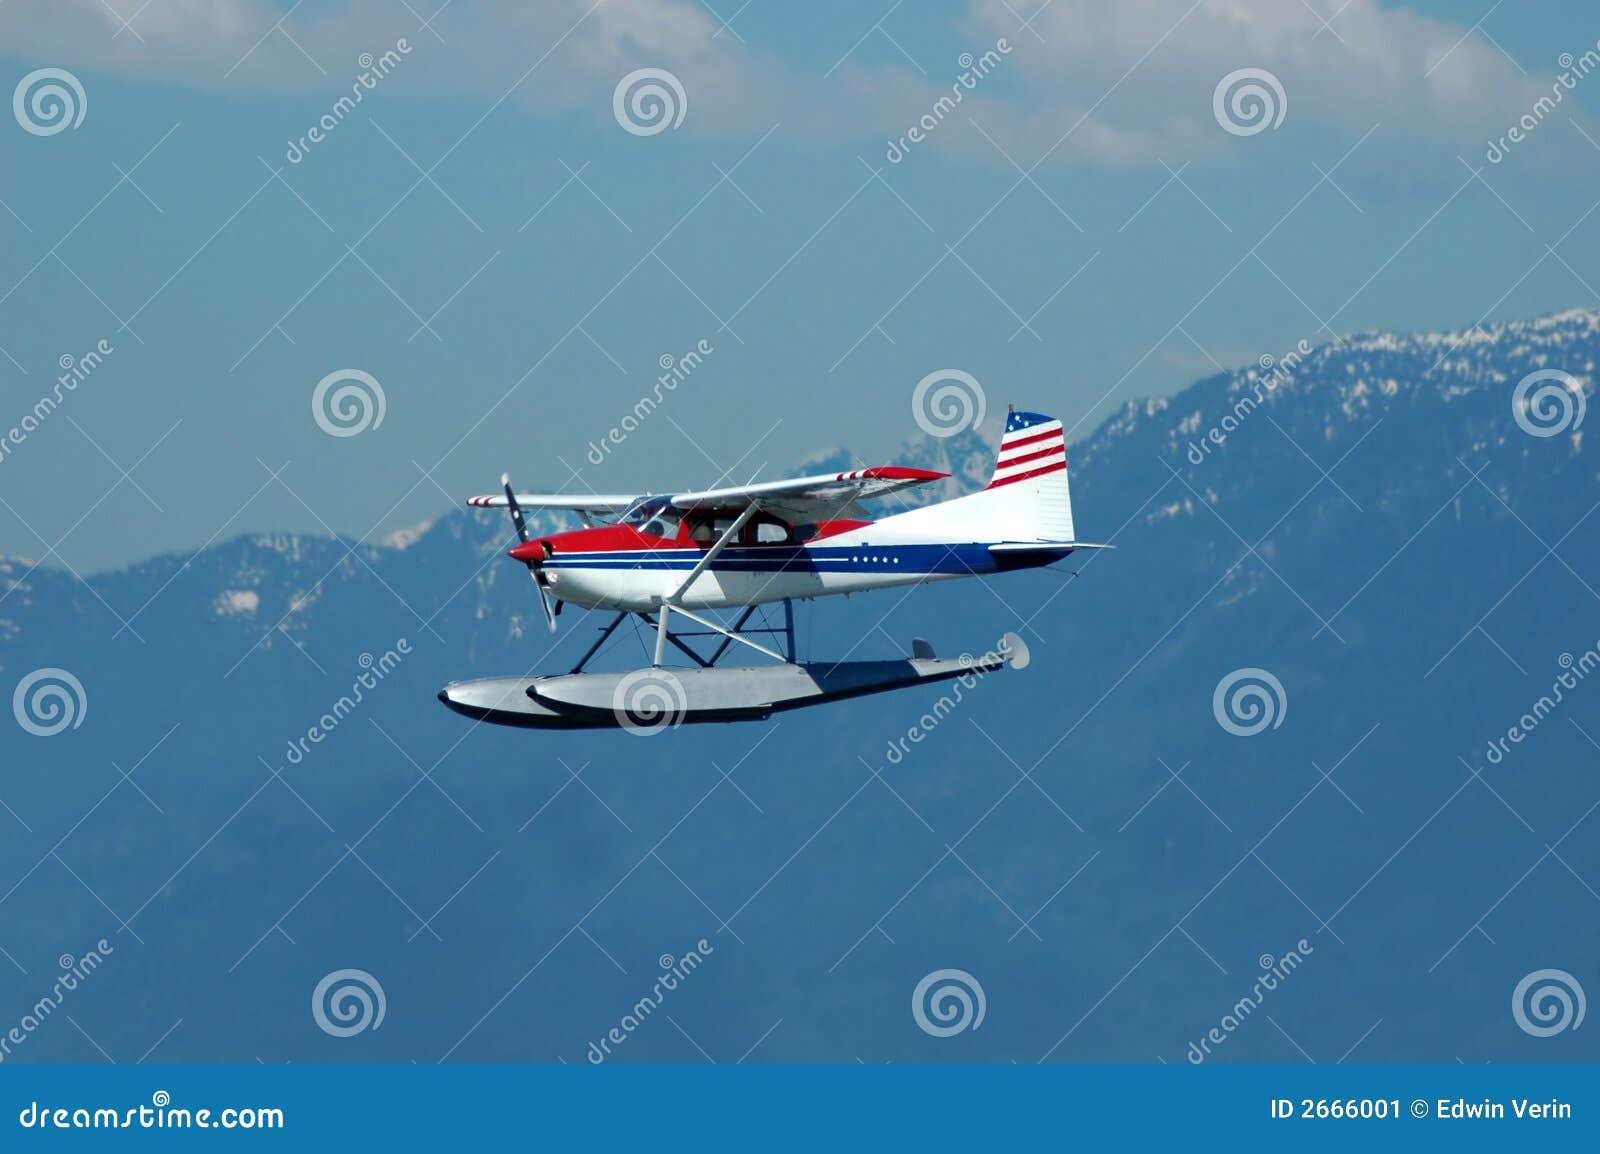 水上飞机 库存图片 - 图片